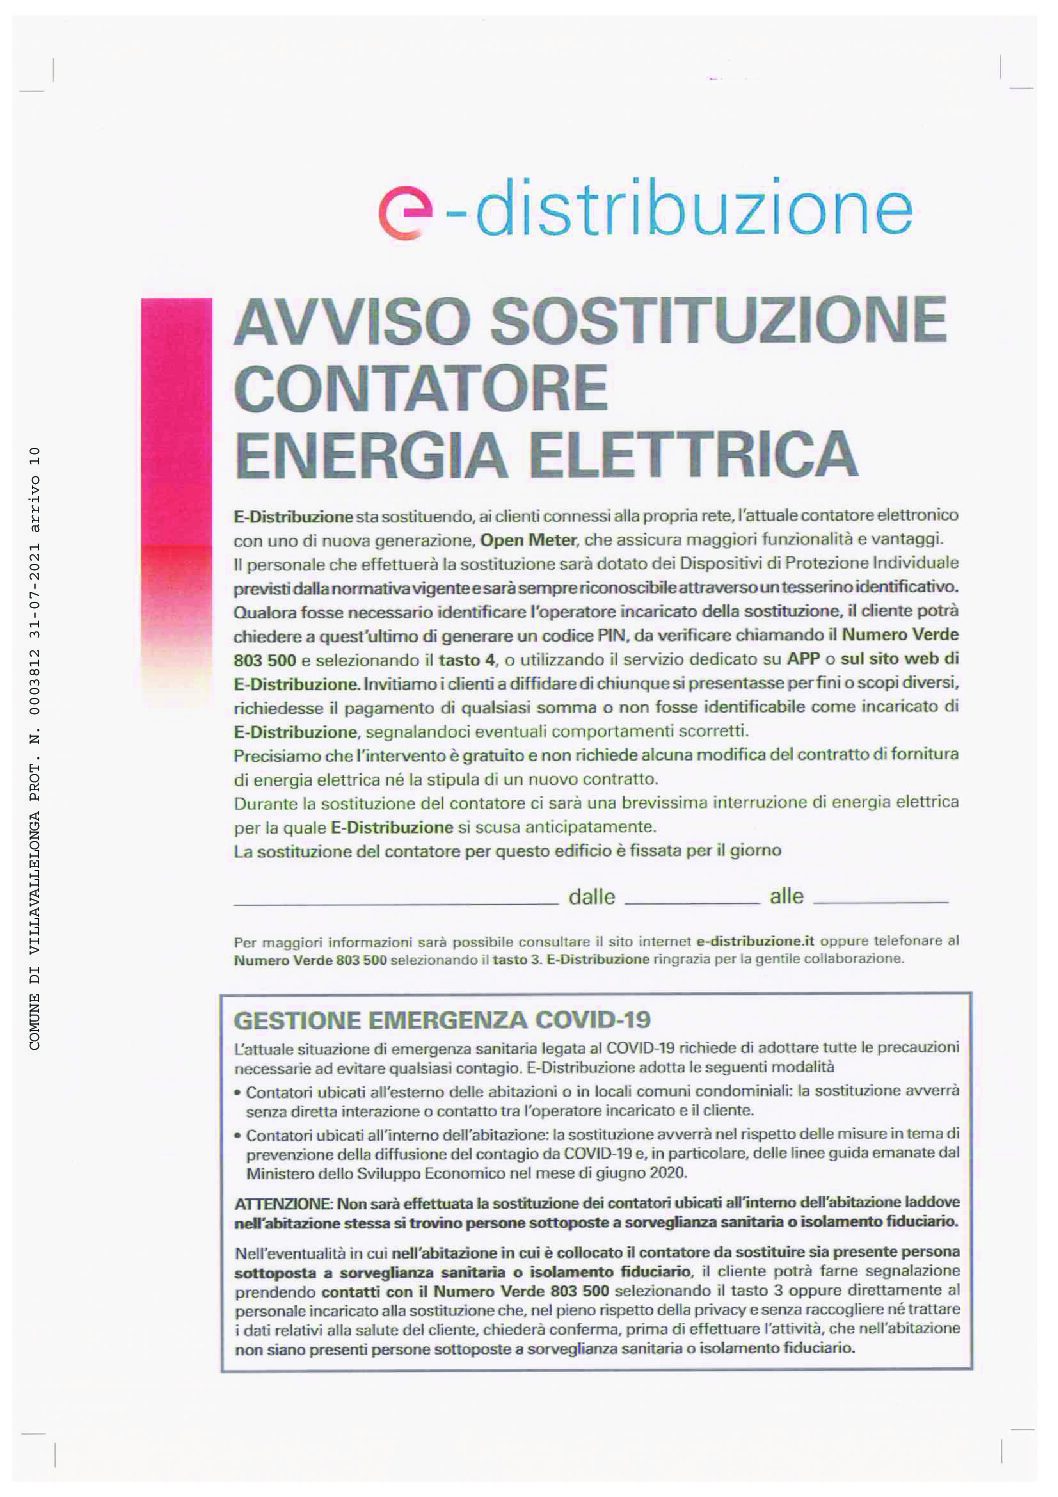 AVVISO SOSTITUZIONE CONTATORE ENERGIA ELETTRICA